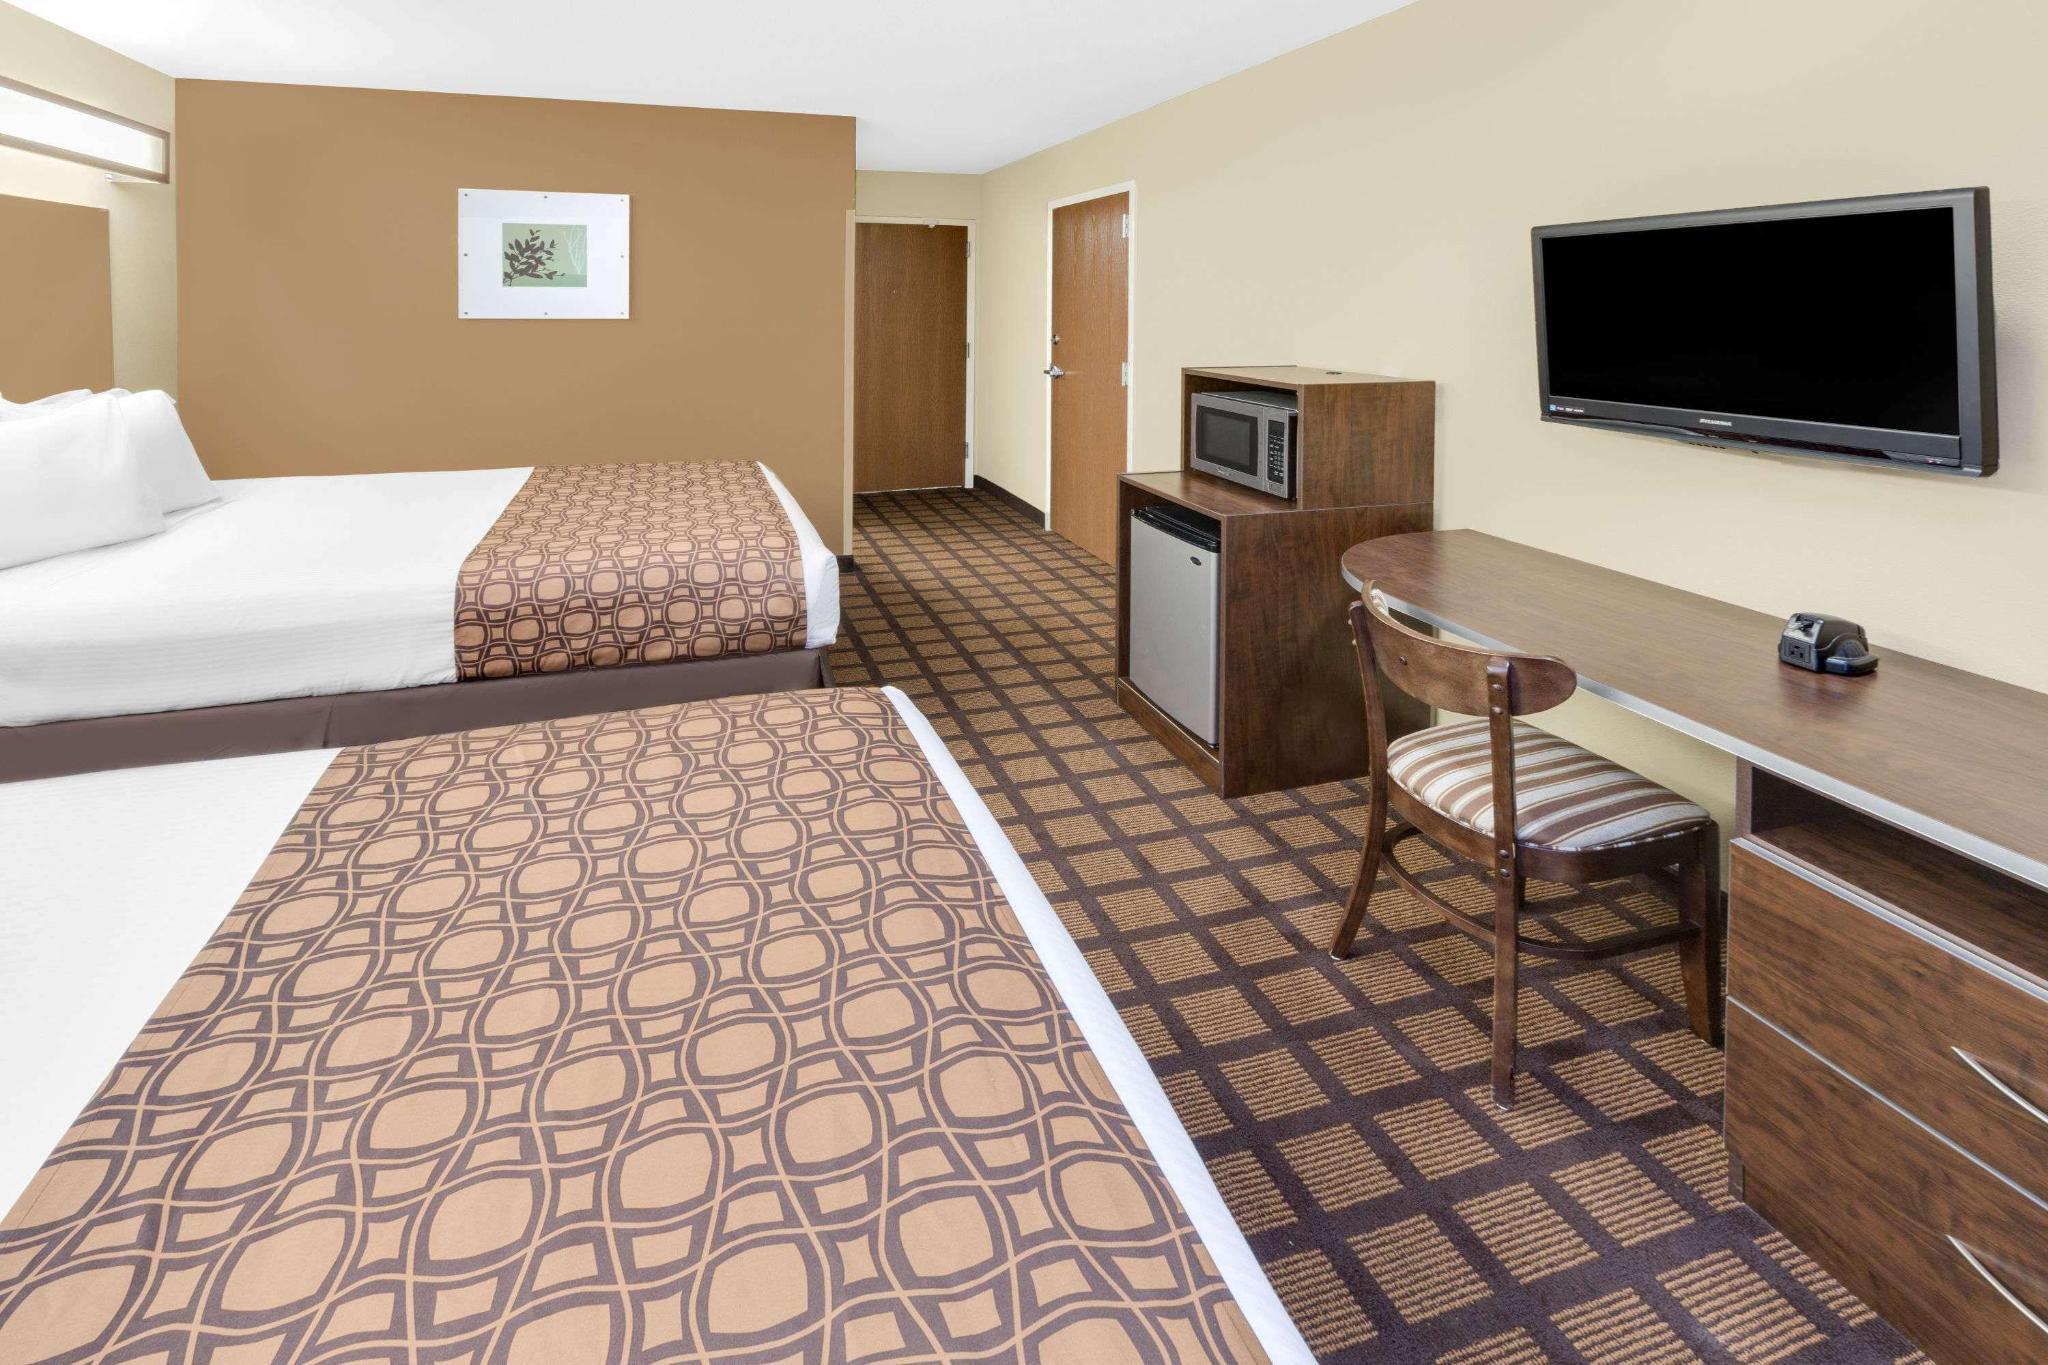 Room two queen beds